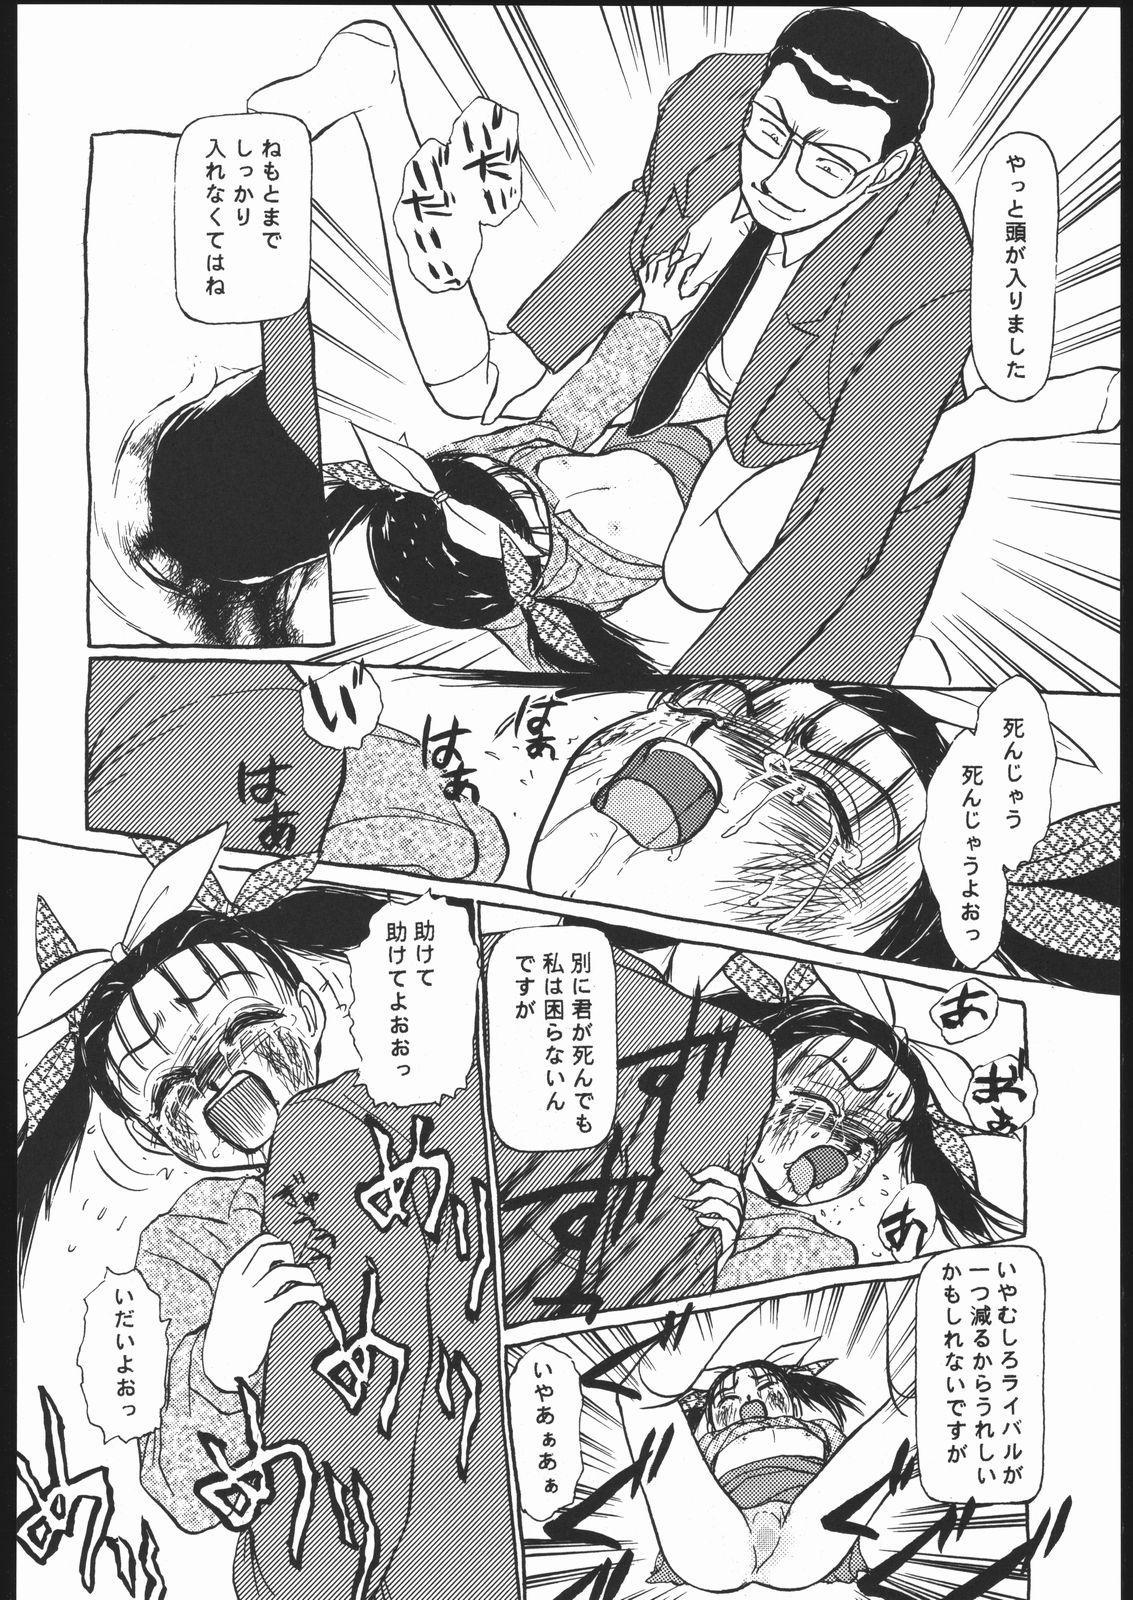 Rei no hidoi Yatsu 62